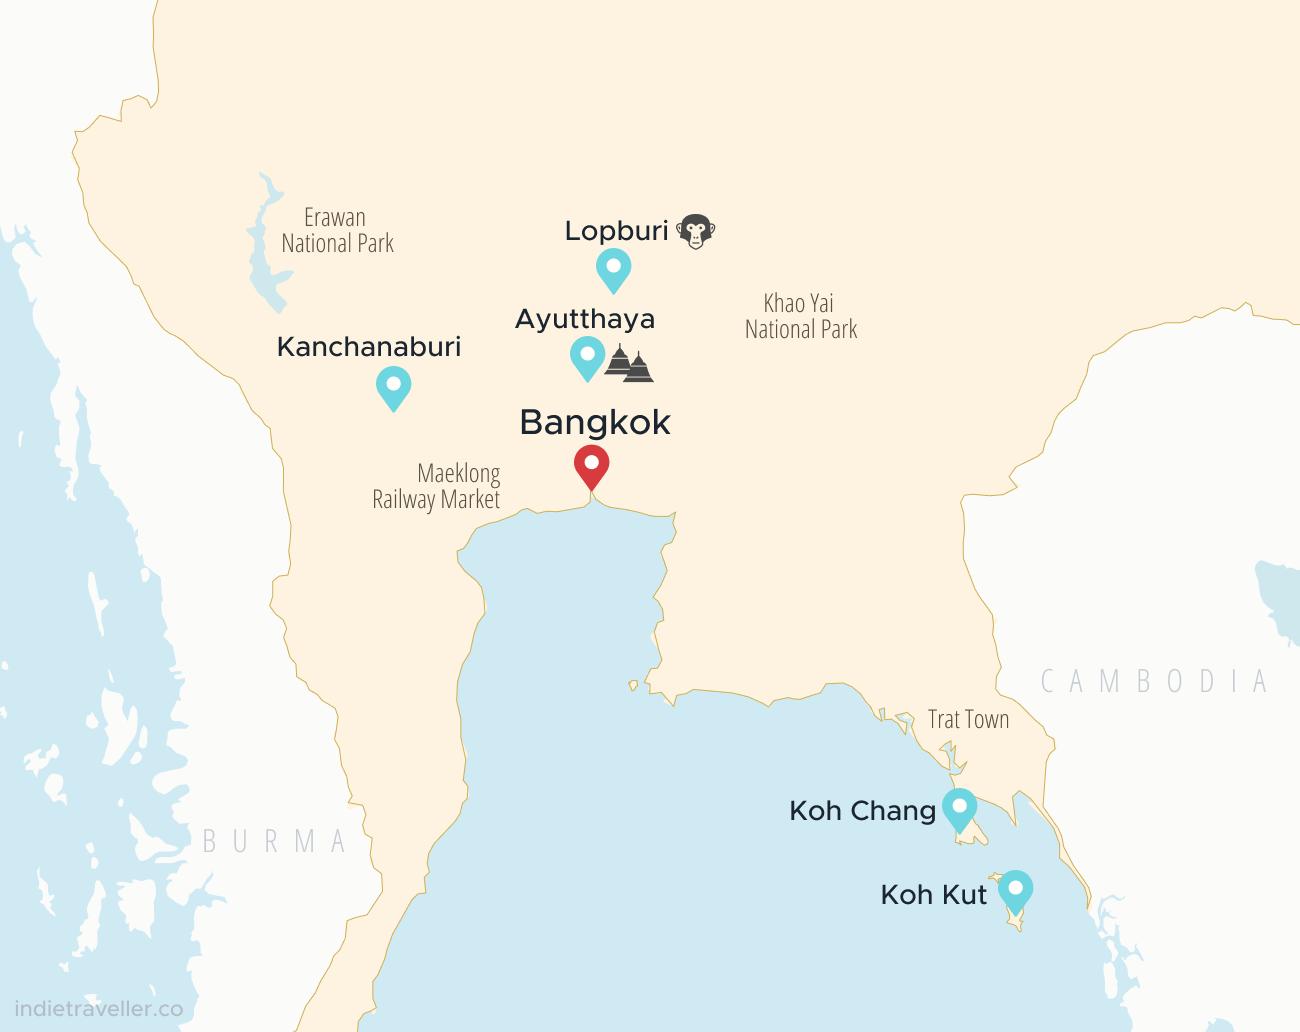 Carte montrant les meilleurs endroits pour voyager dans le centre de la Thaïlande